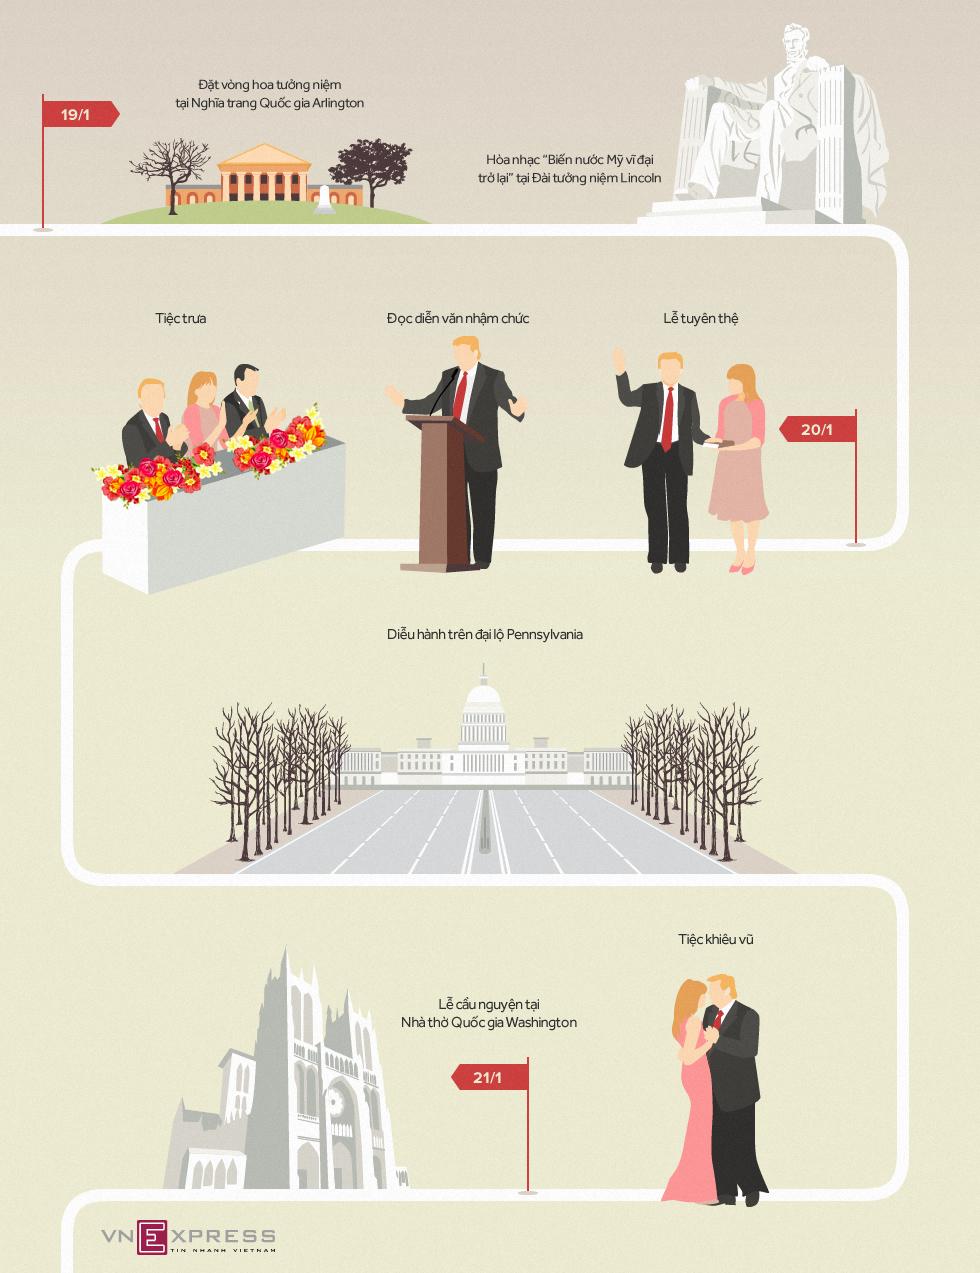 Lịch trình lễ nhậm chức tổng thống của Donald Trump